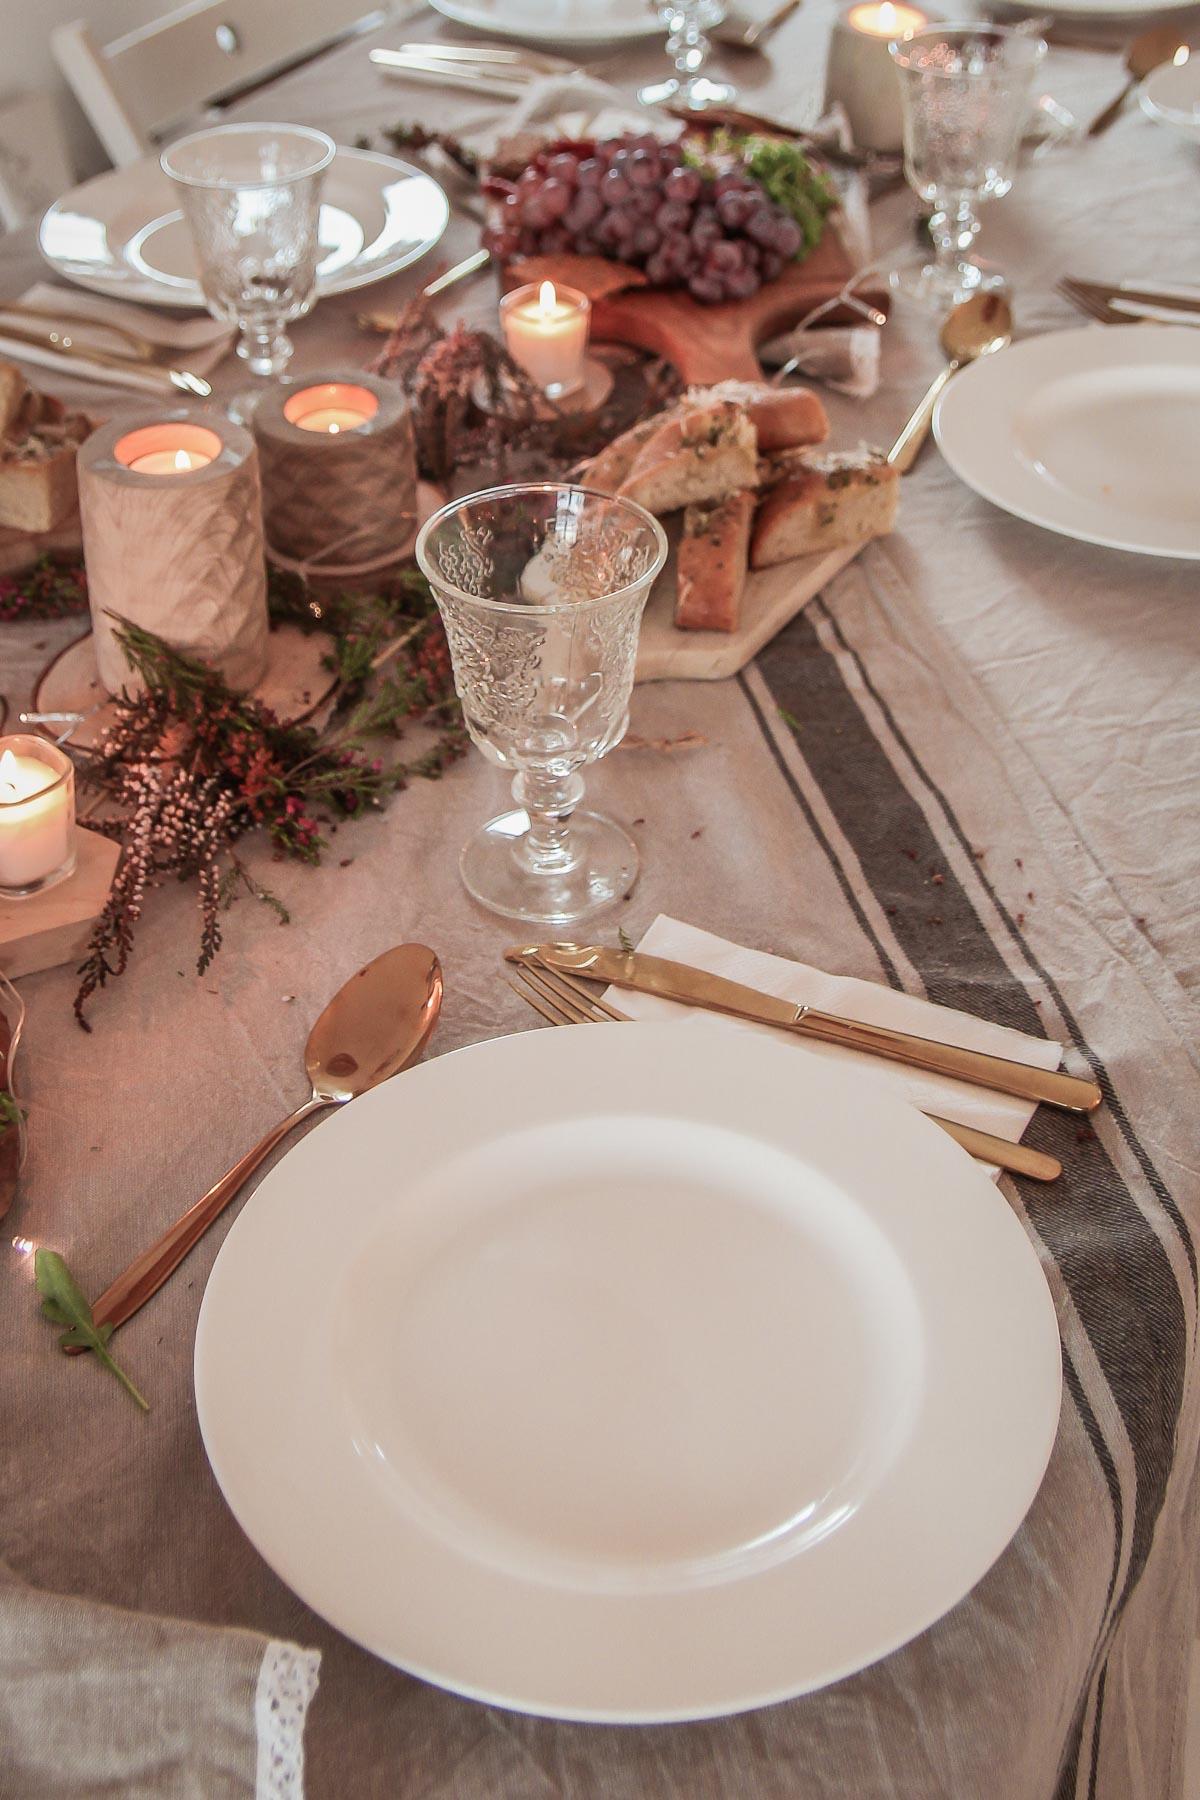 aranżacja stołu w stylu rustykalnym